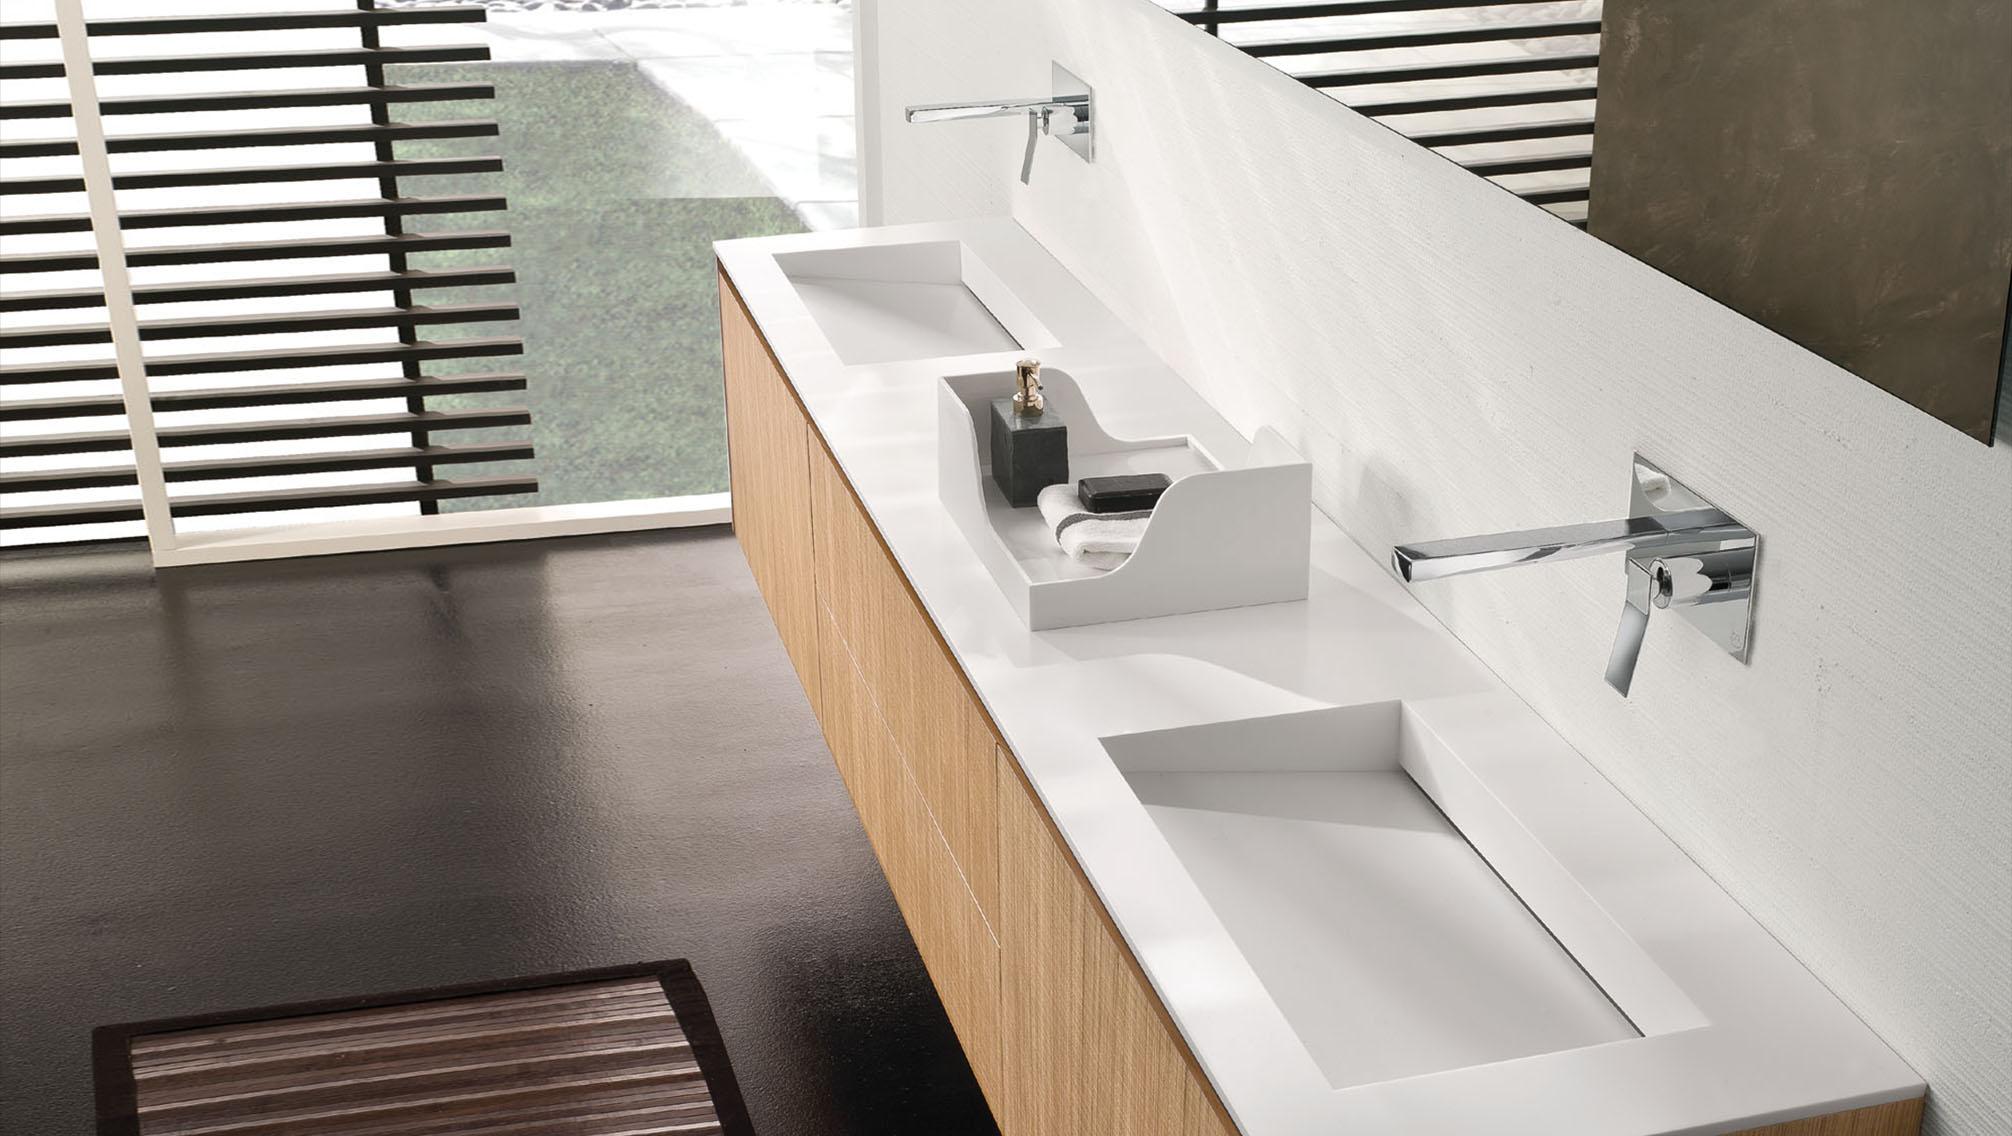 Okite prezzi e caratteristiche di questo materiale - Piano cucina okite prezzi ...